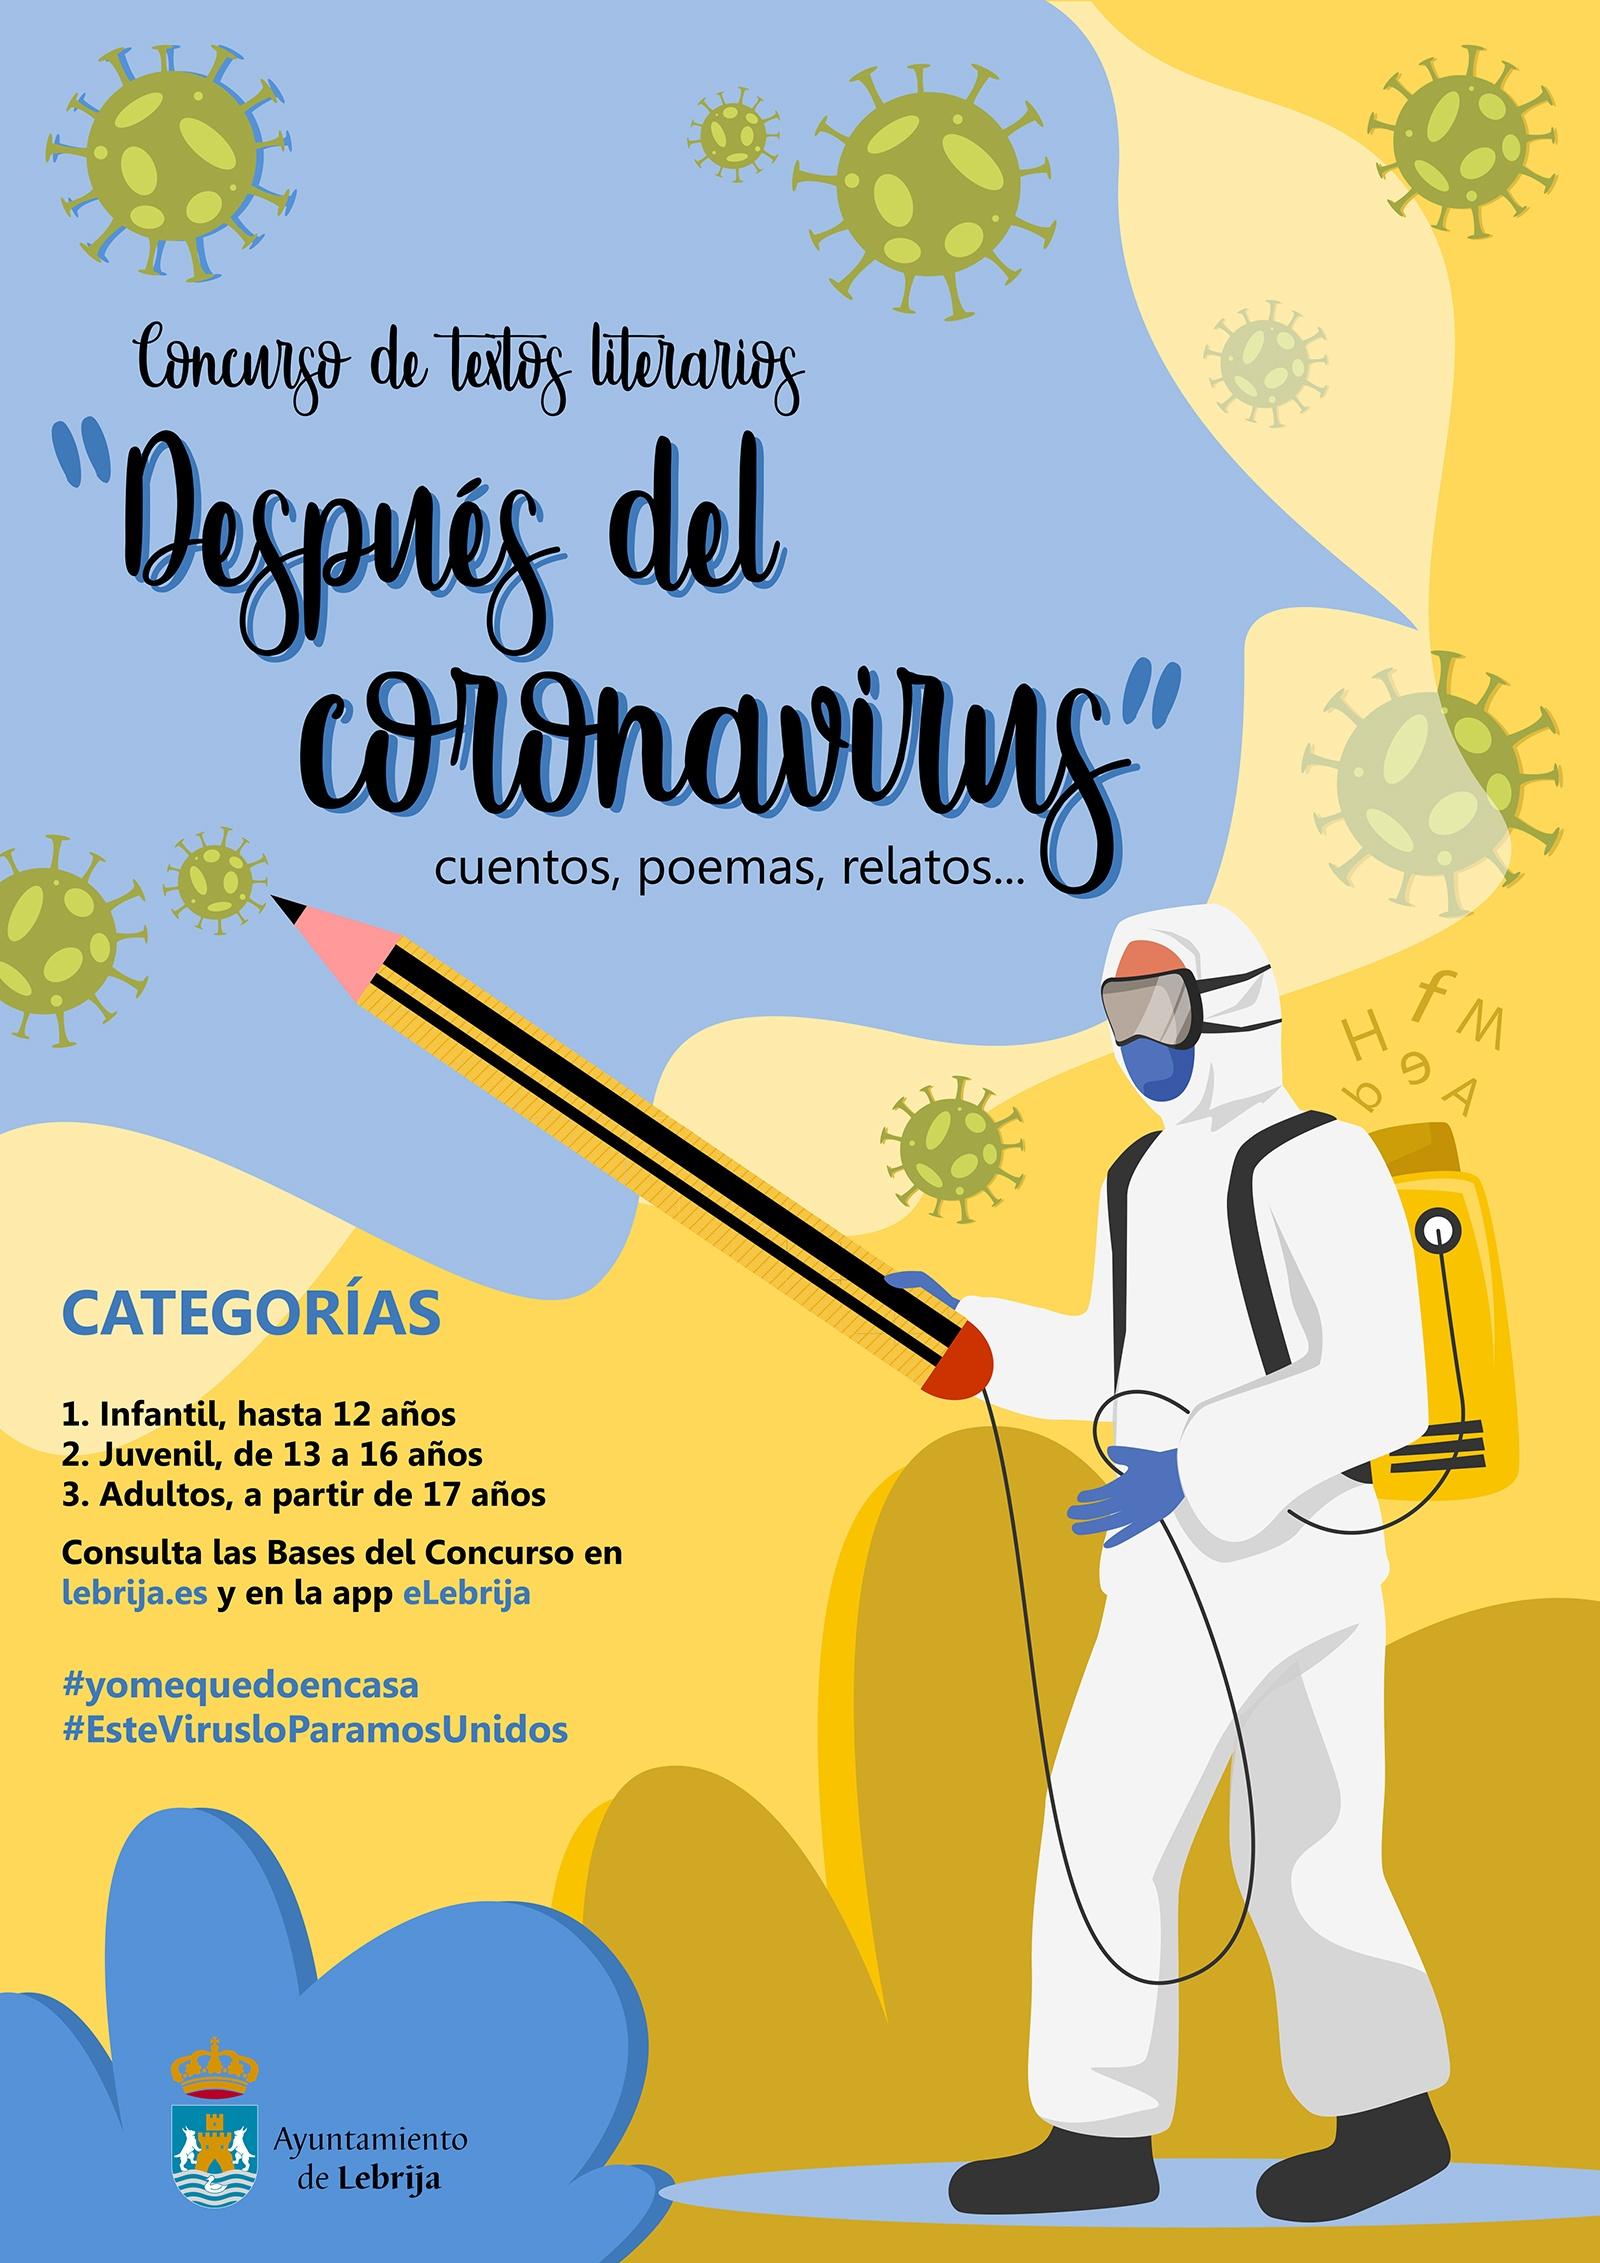 UP CARTEL DEL CONCURSO DESPUES DEL CORONAVIRUS